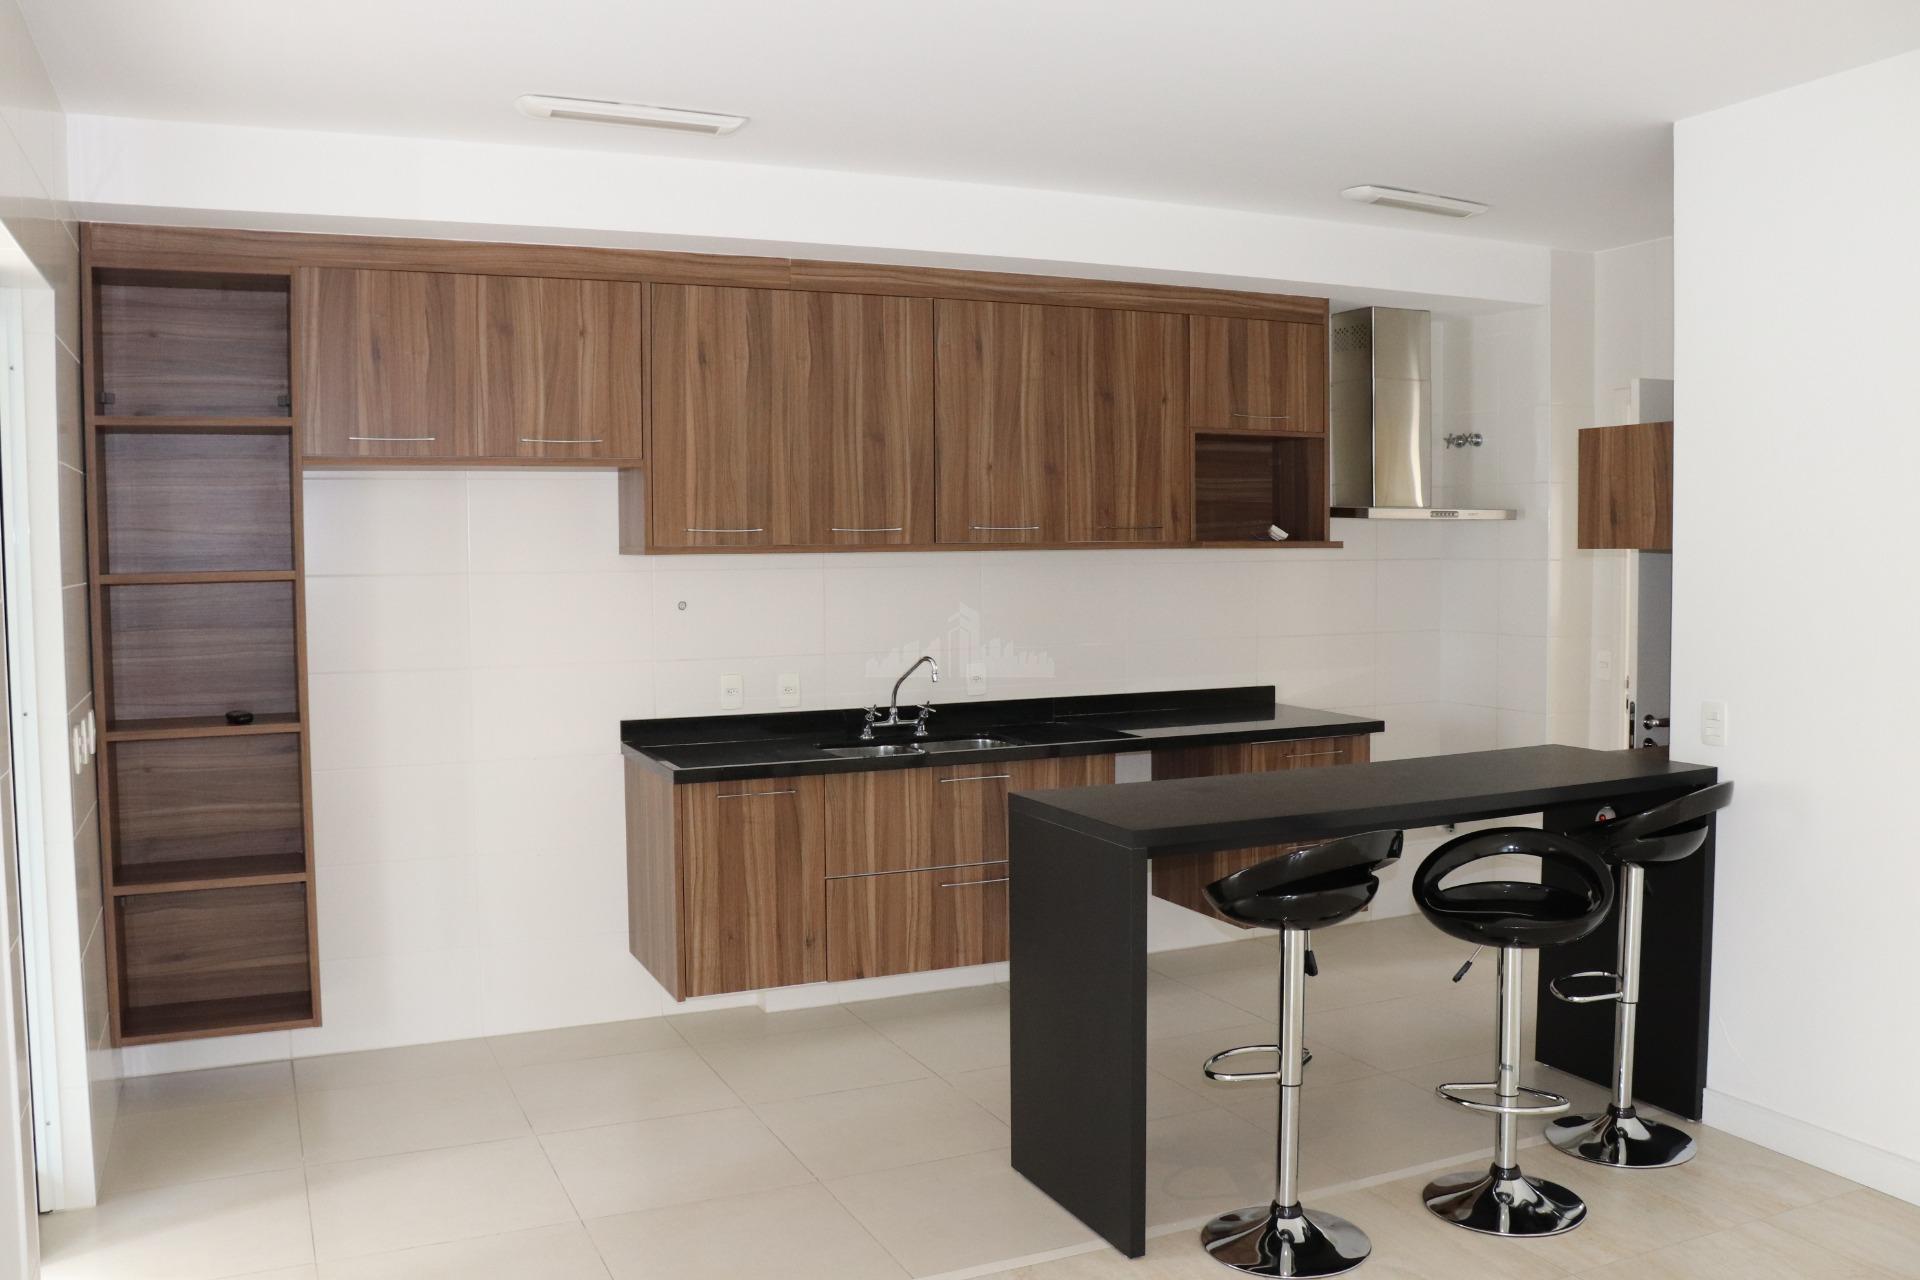 Apartamento Residencial para locação, Itaim Bibi, São Paulo - AP5084.